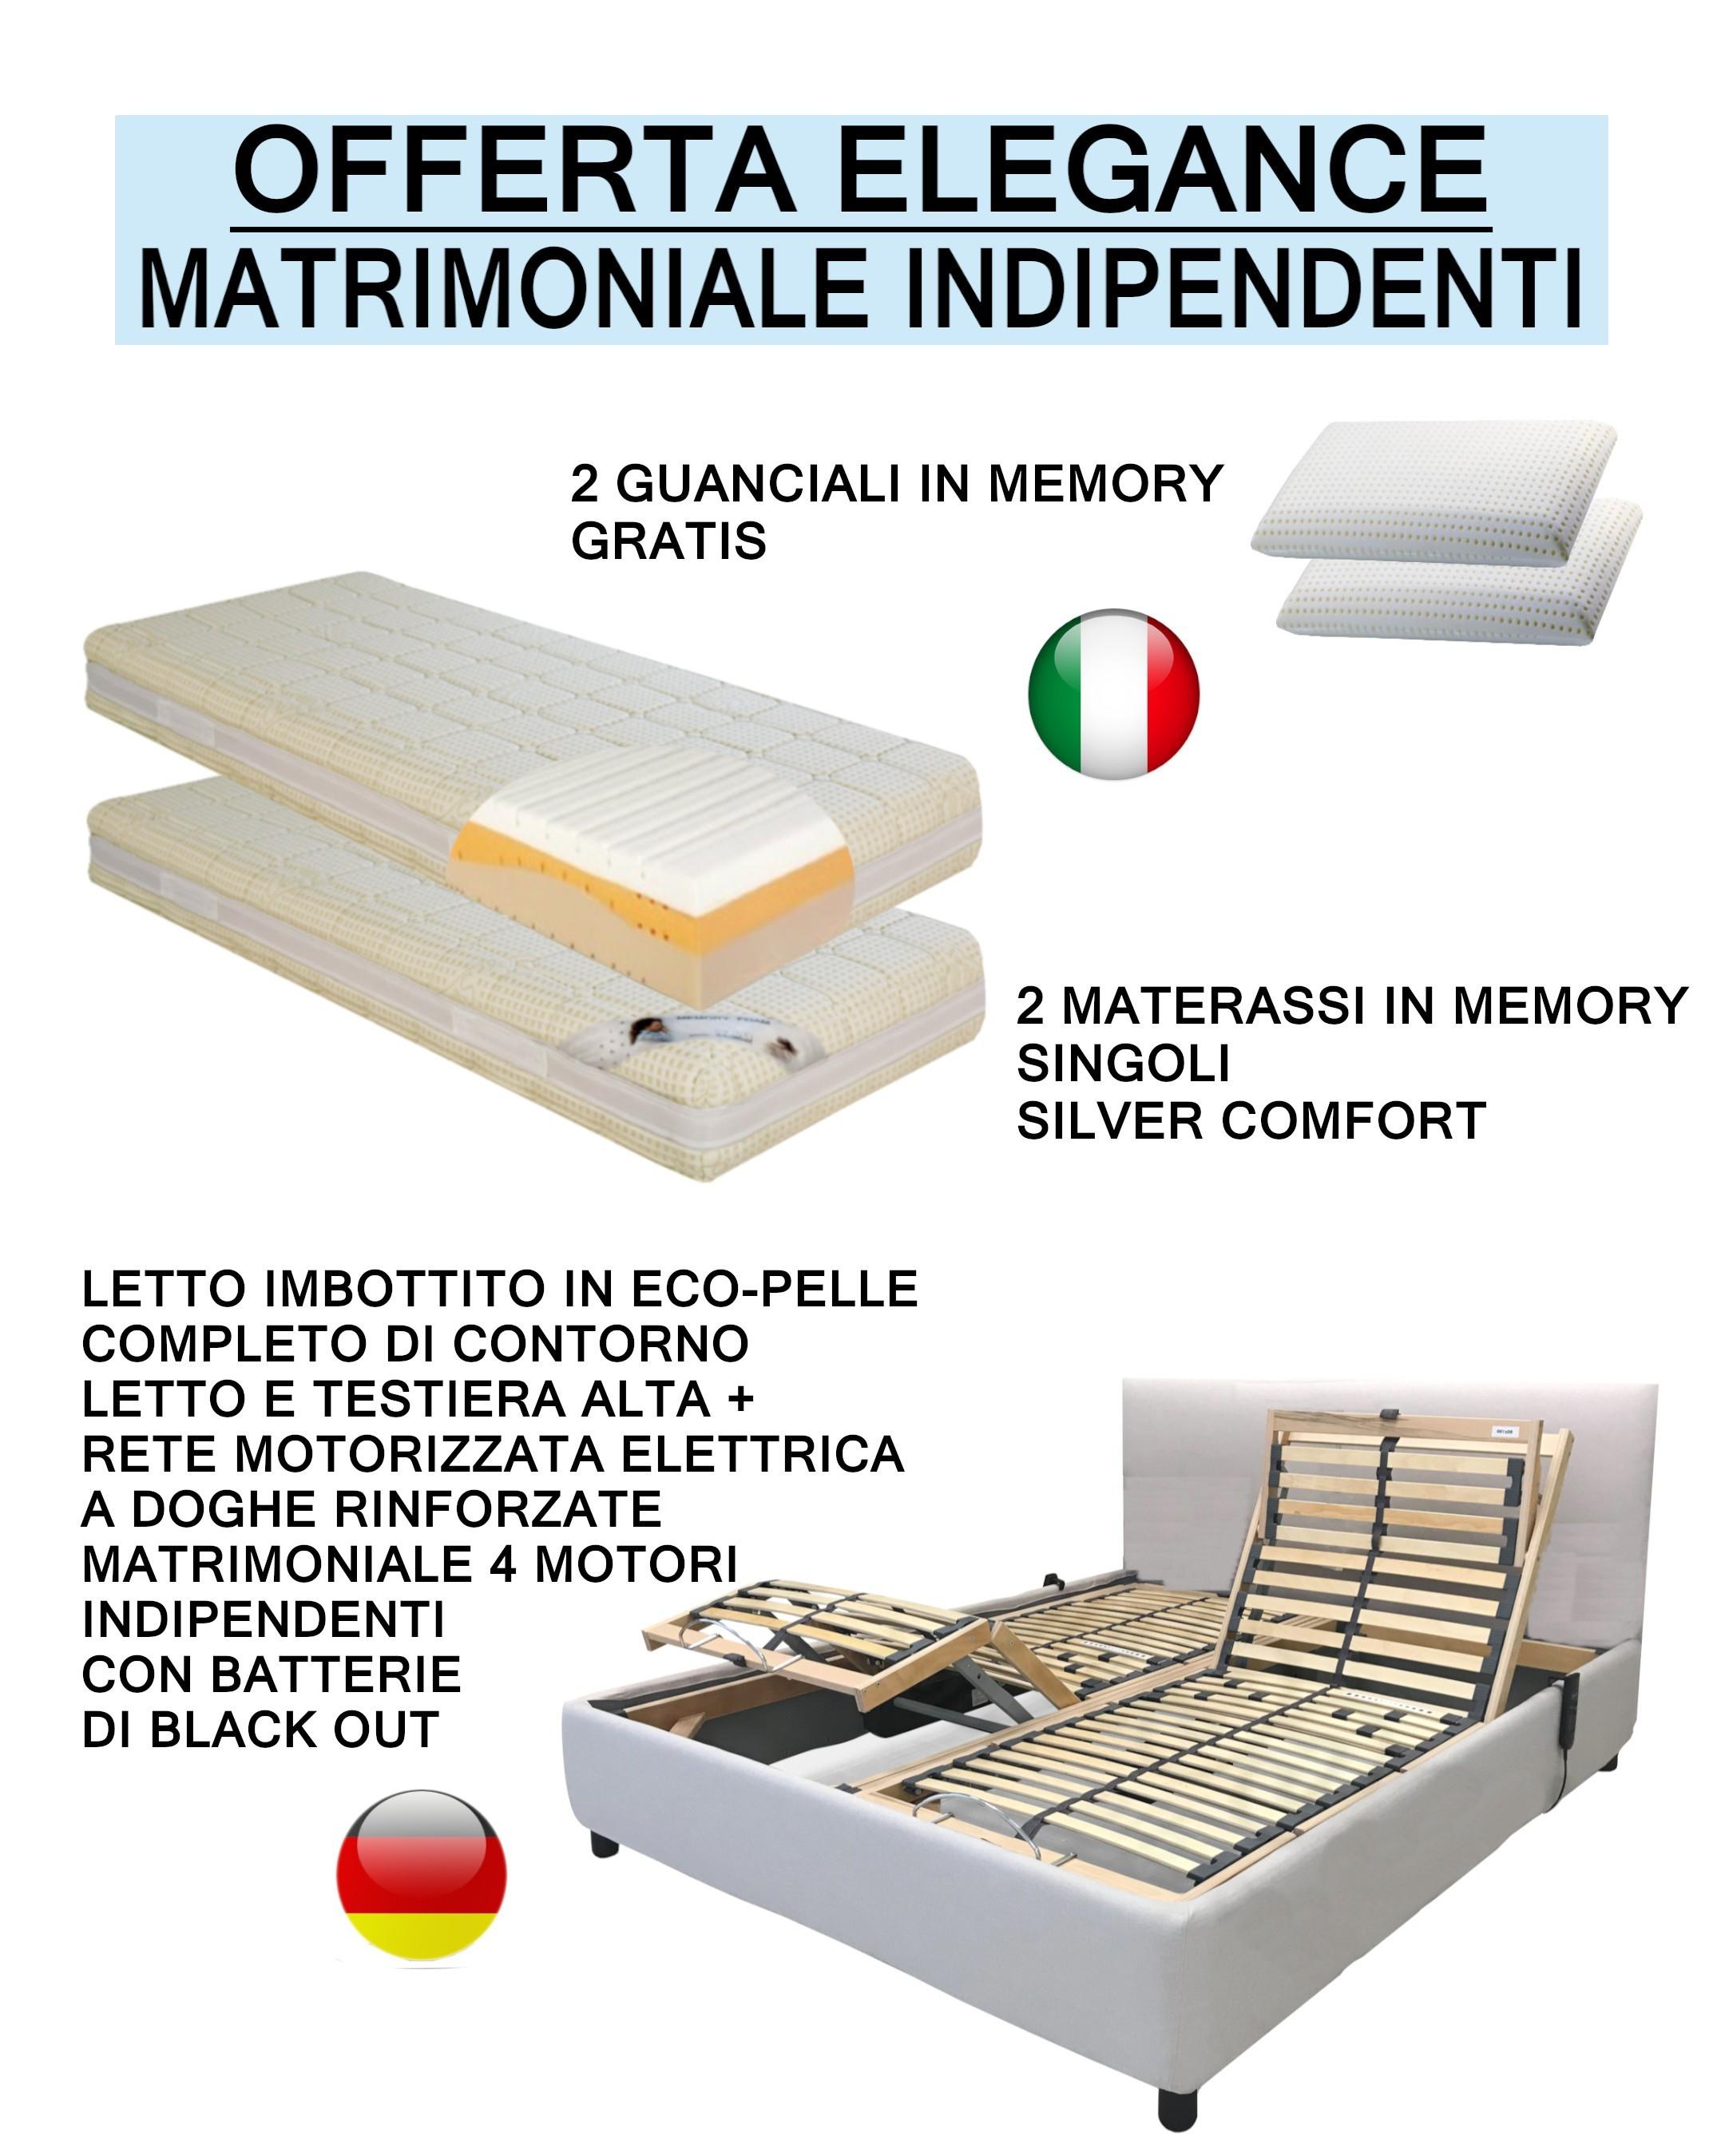 Letto E Materasso Matrimoniale.Veneto Letto Contenitore Con Giroletto Imbottito In Eco Pelle Com